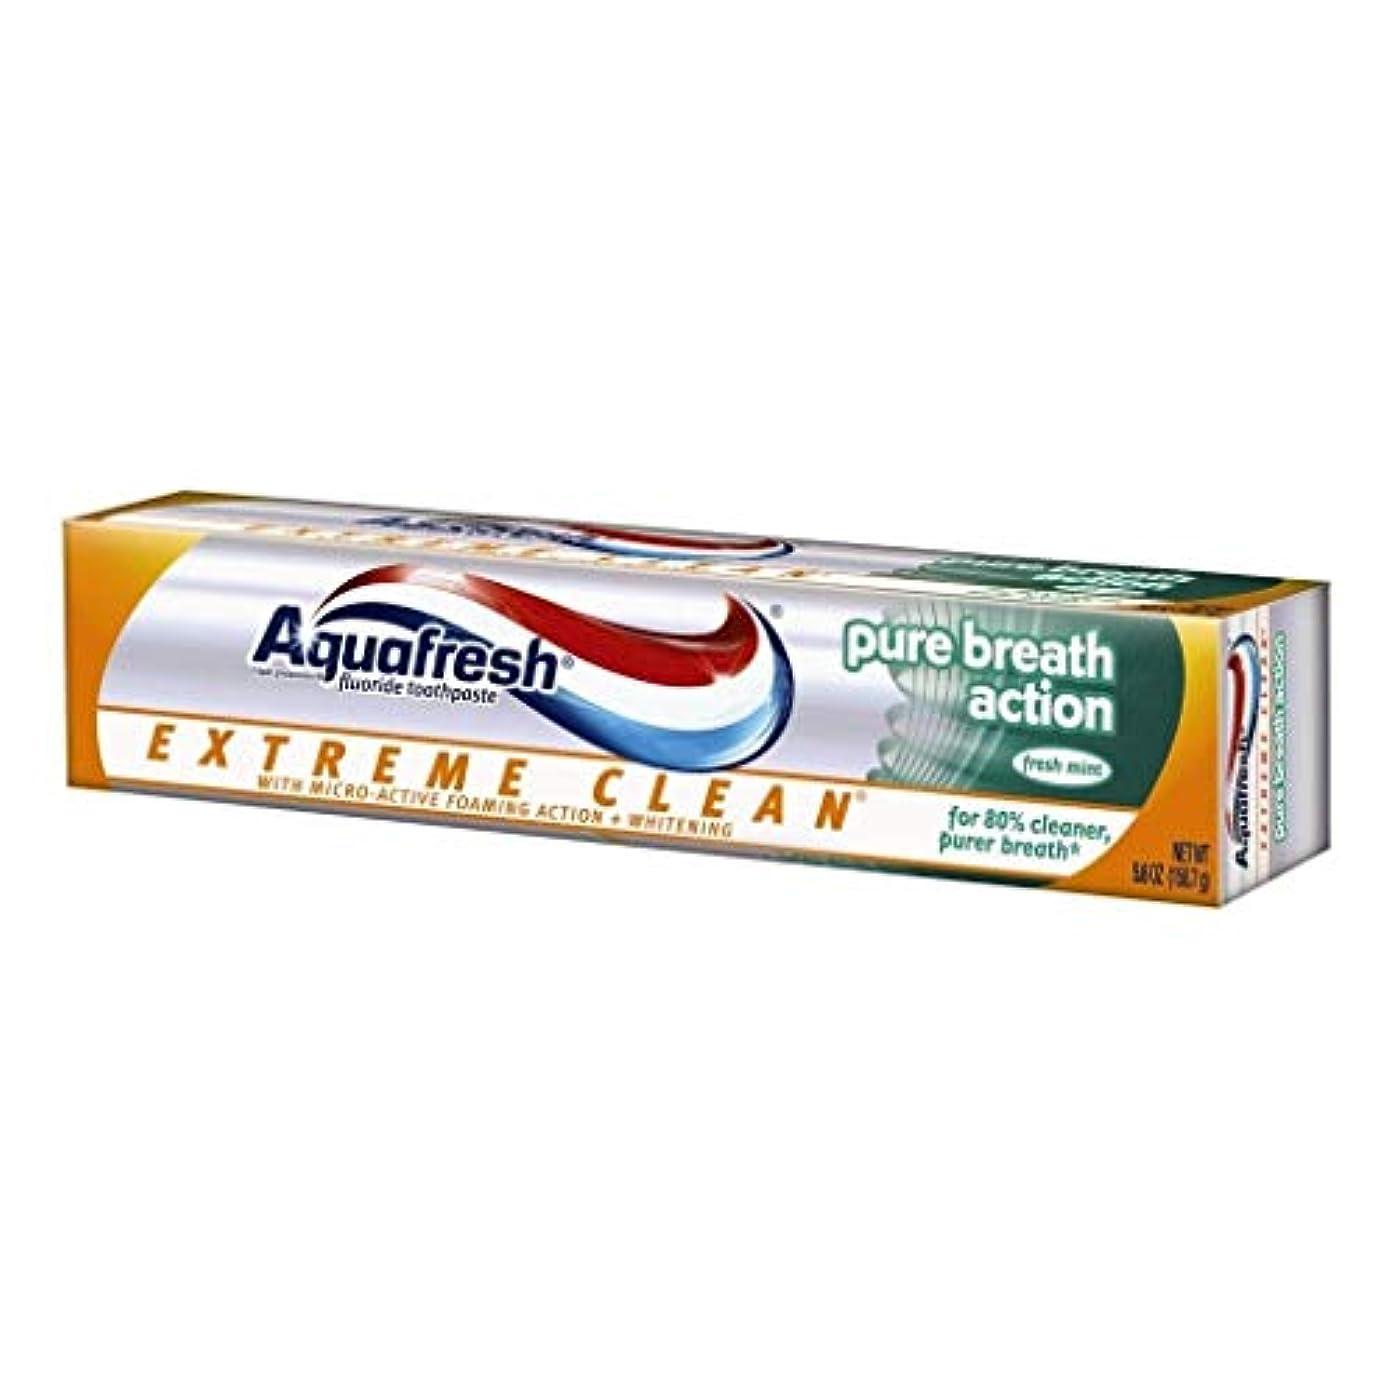 Aqua Fresh アクアフレッシュエクストリームクリーンピュアブレスアクション、フレッシュミント、5.6オンス、4パック